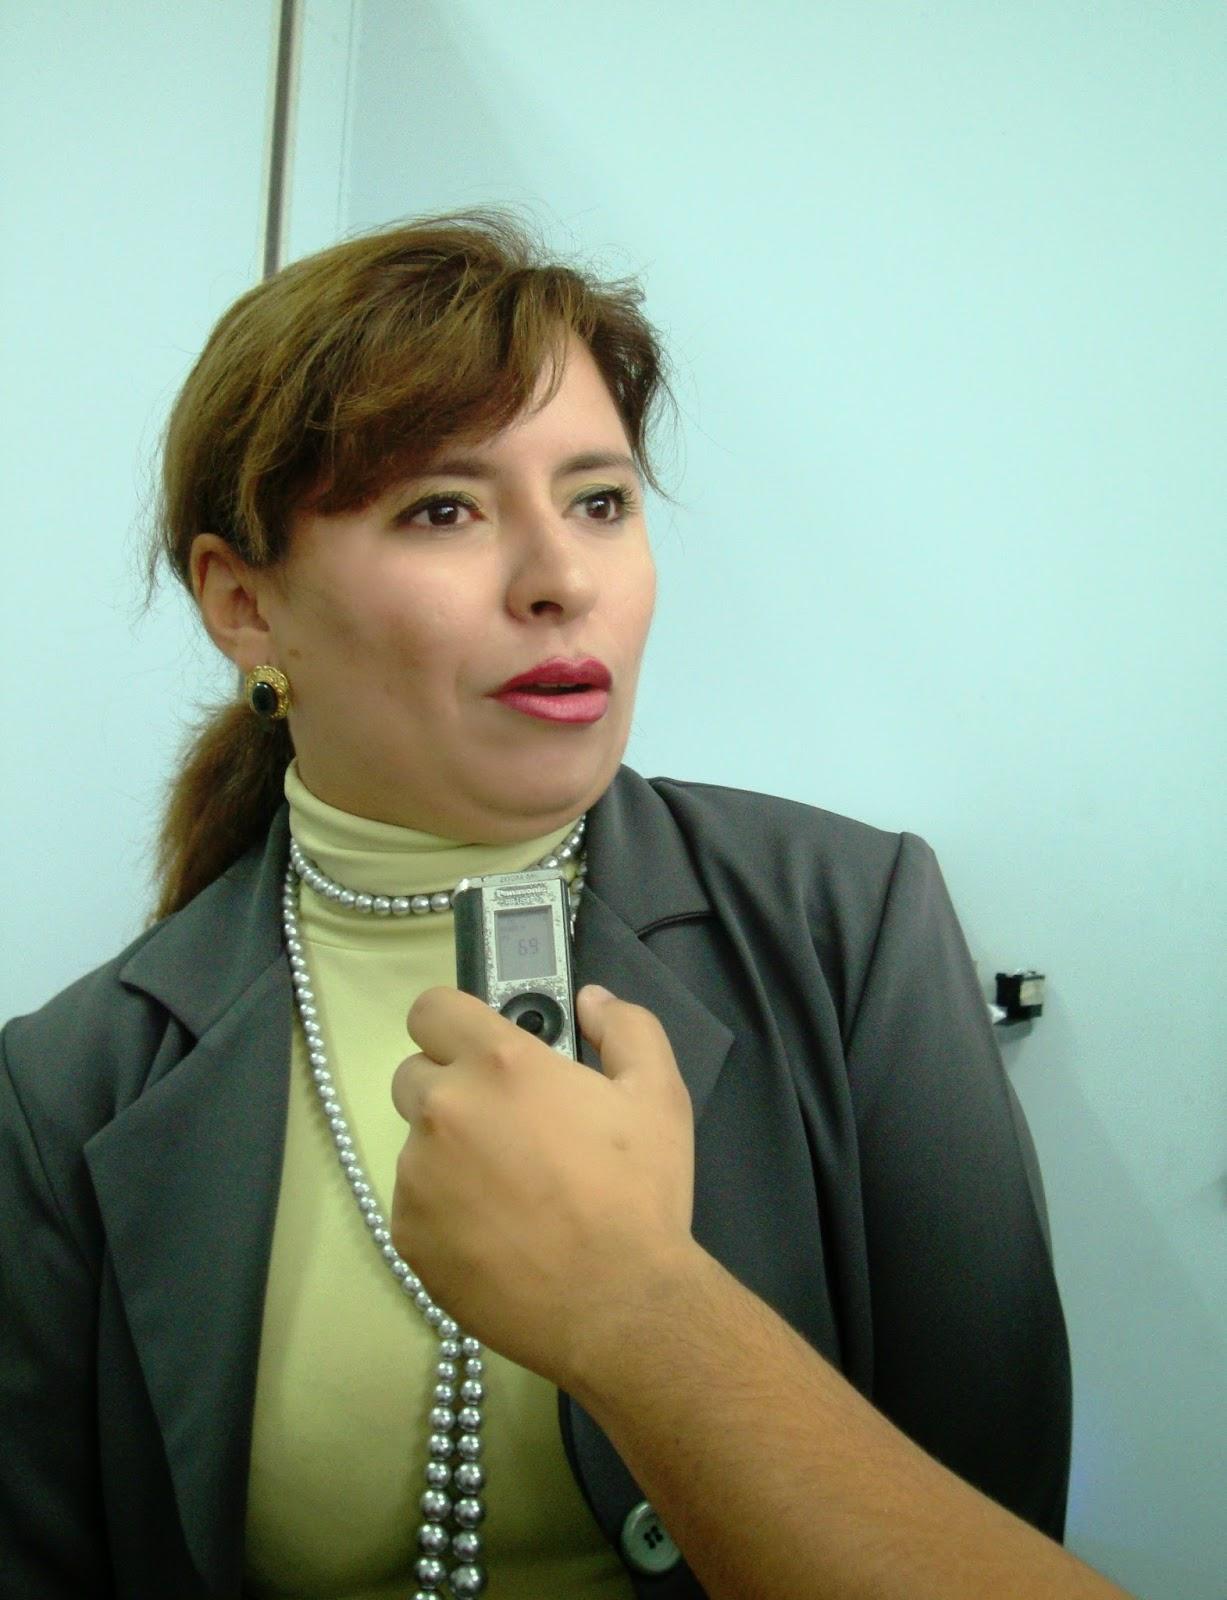 Profa. Claudia Torres, docente del Departamento de Computación e Informática de la ULA-Táchira. (Fotografía: María Virginia Vivas Salinas)